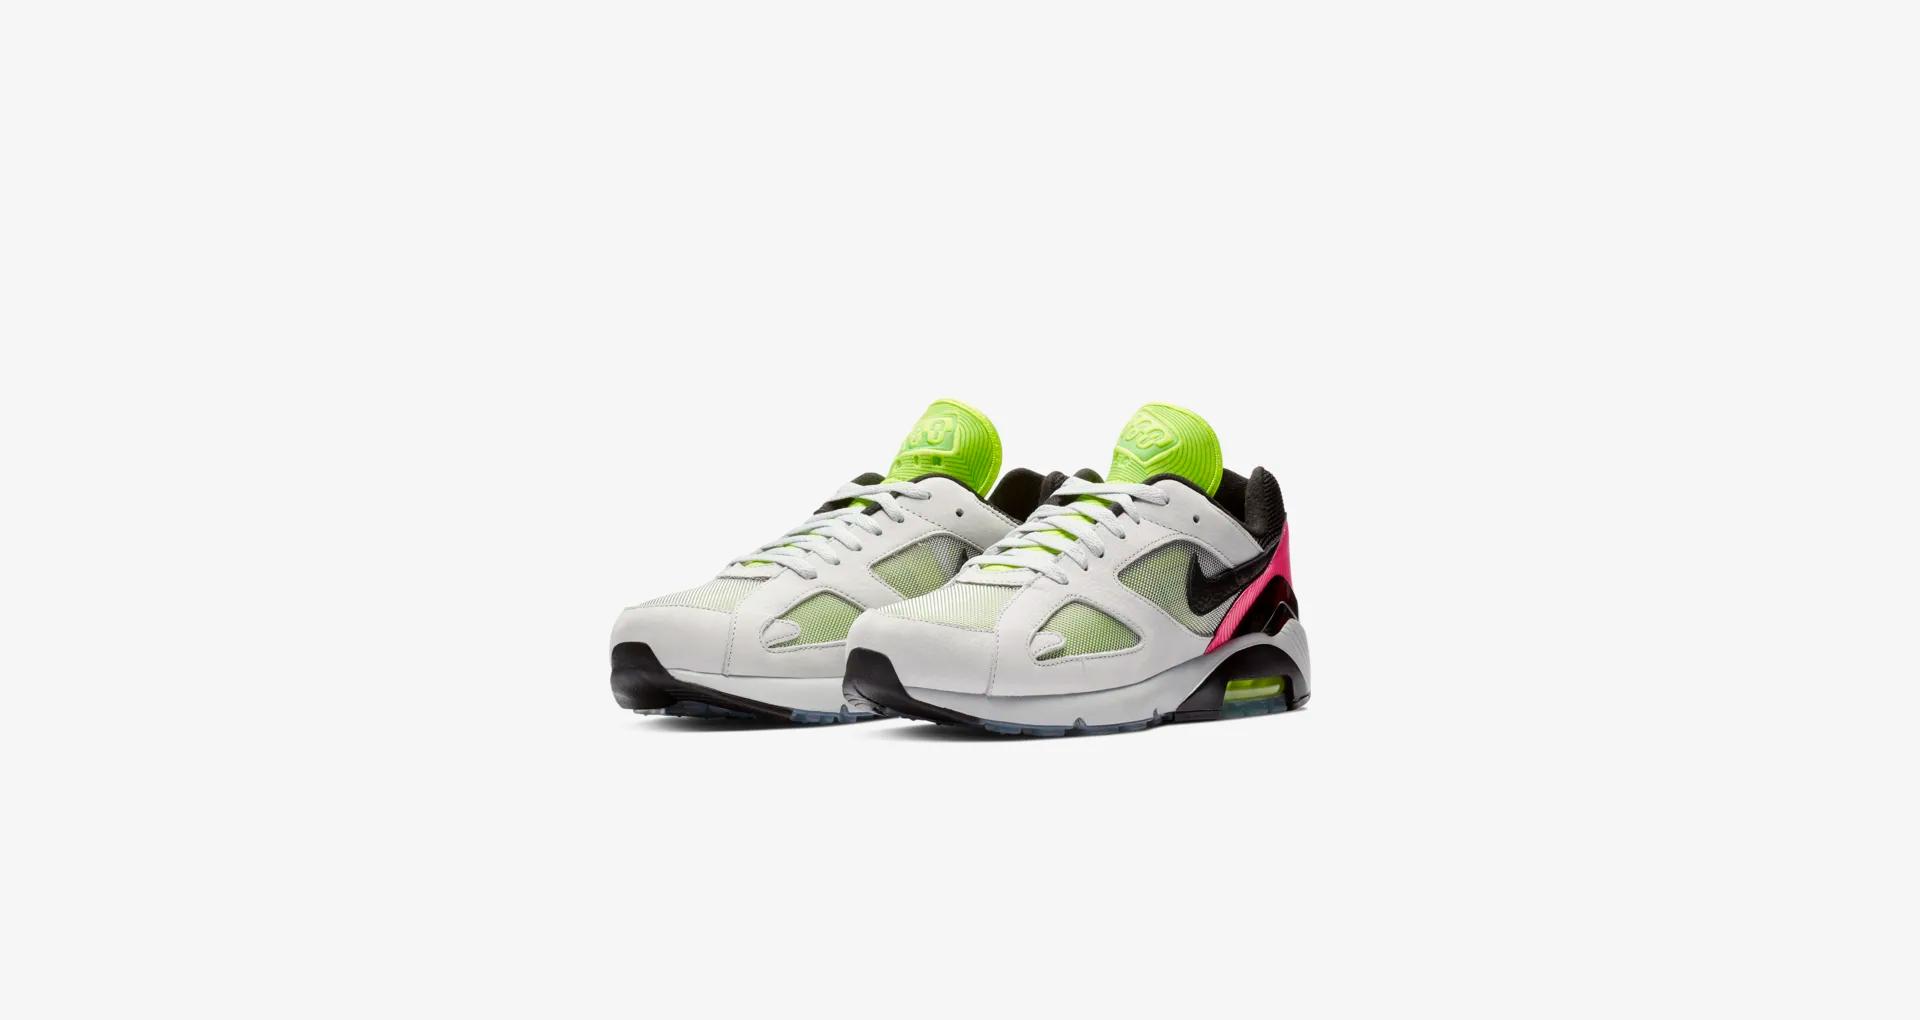 BV7487 001 Nike Air Max 180 BLN Hyper Pink 5